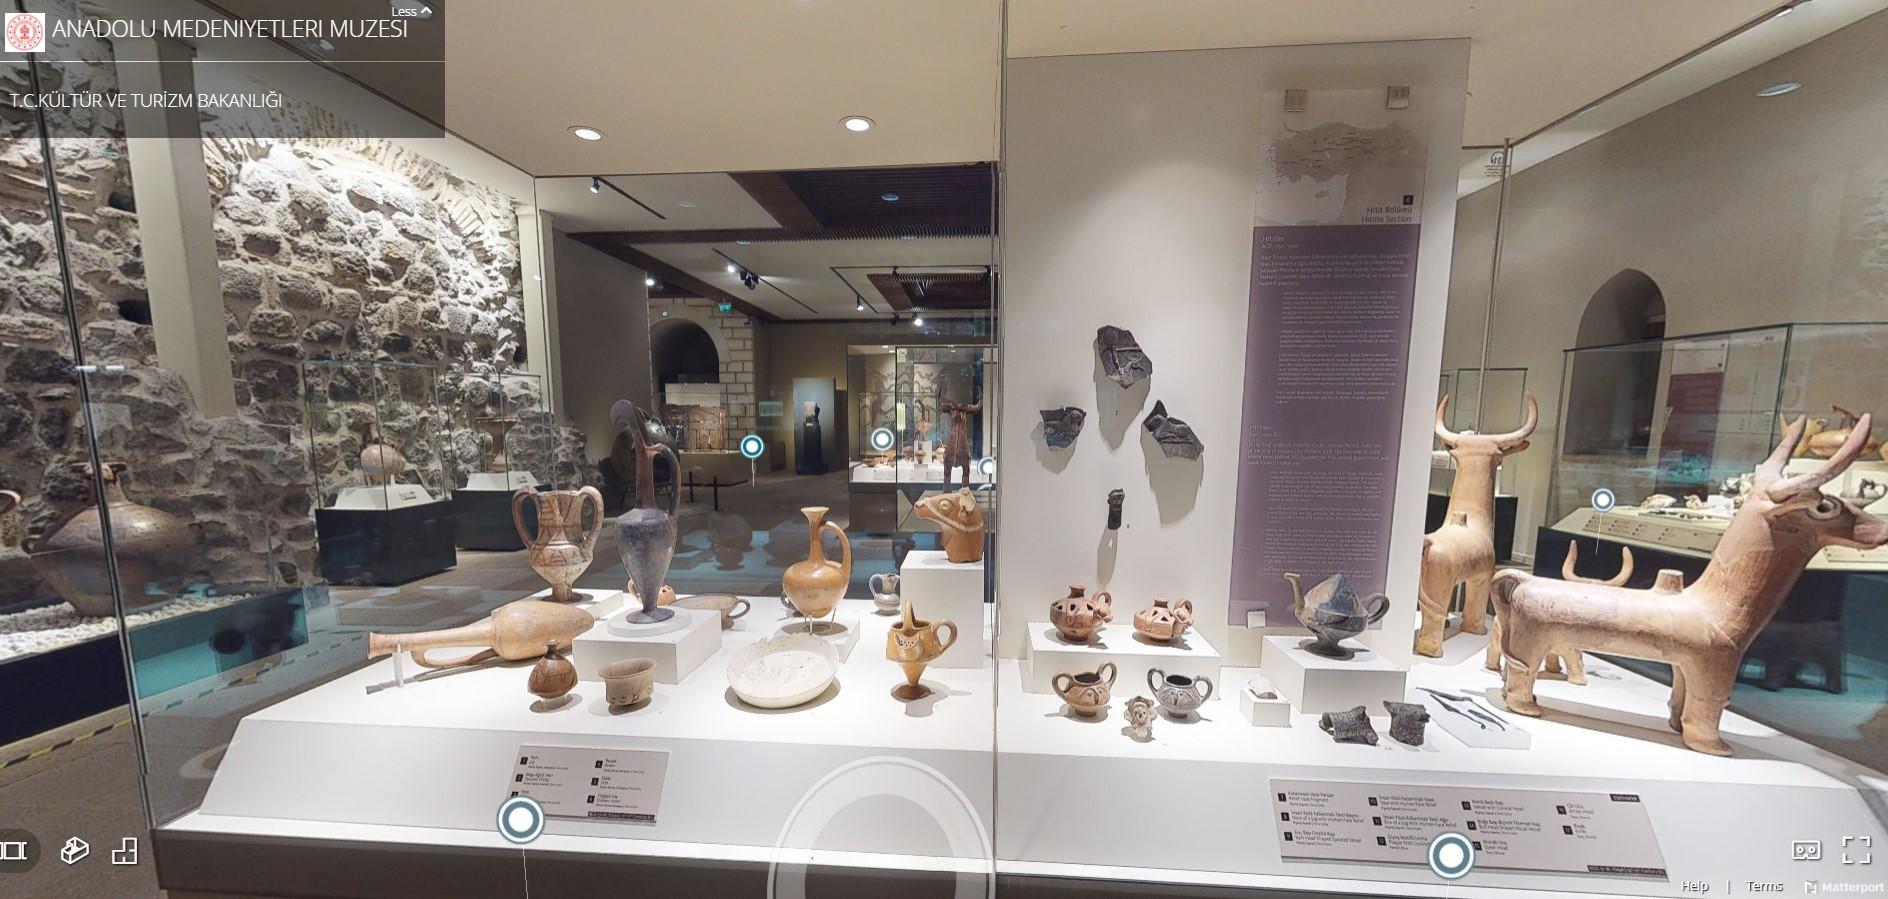 Anatolian Civilizations Museum (5)